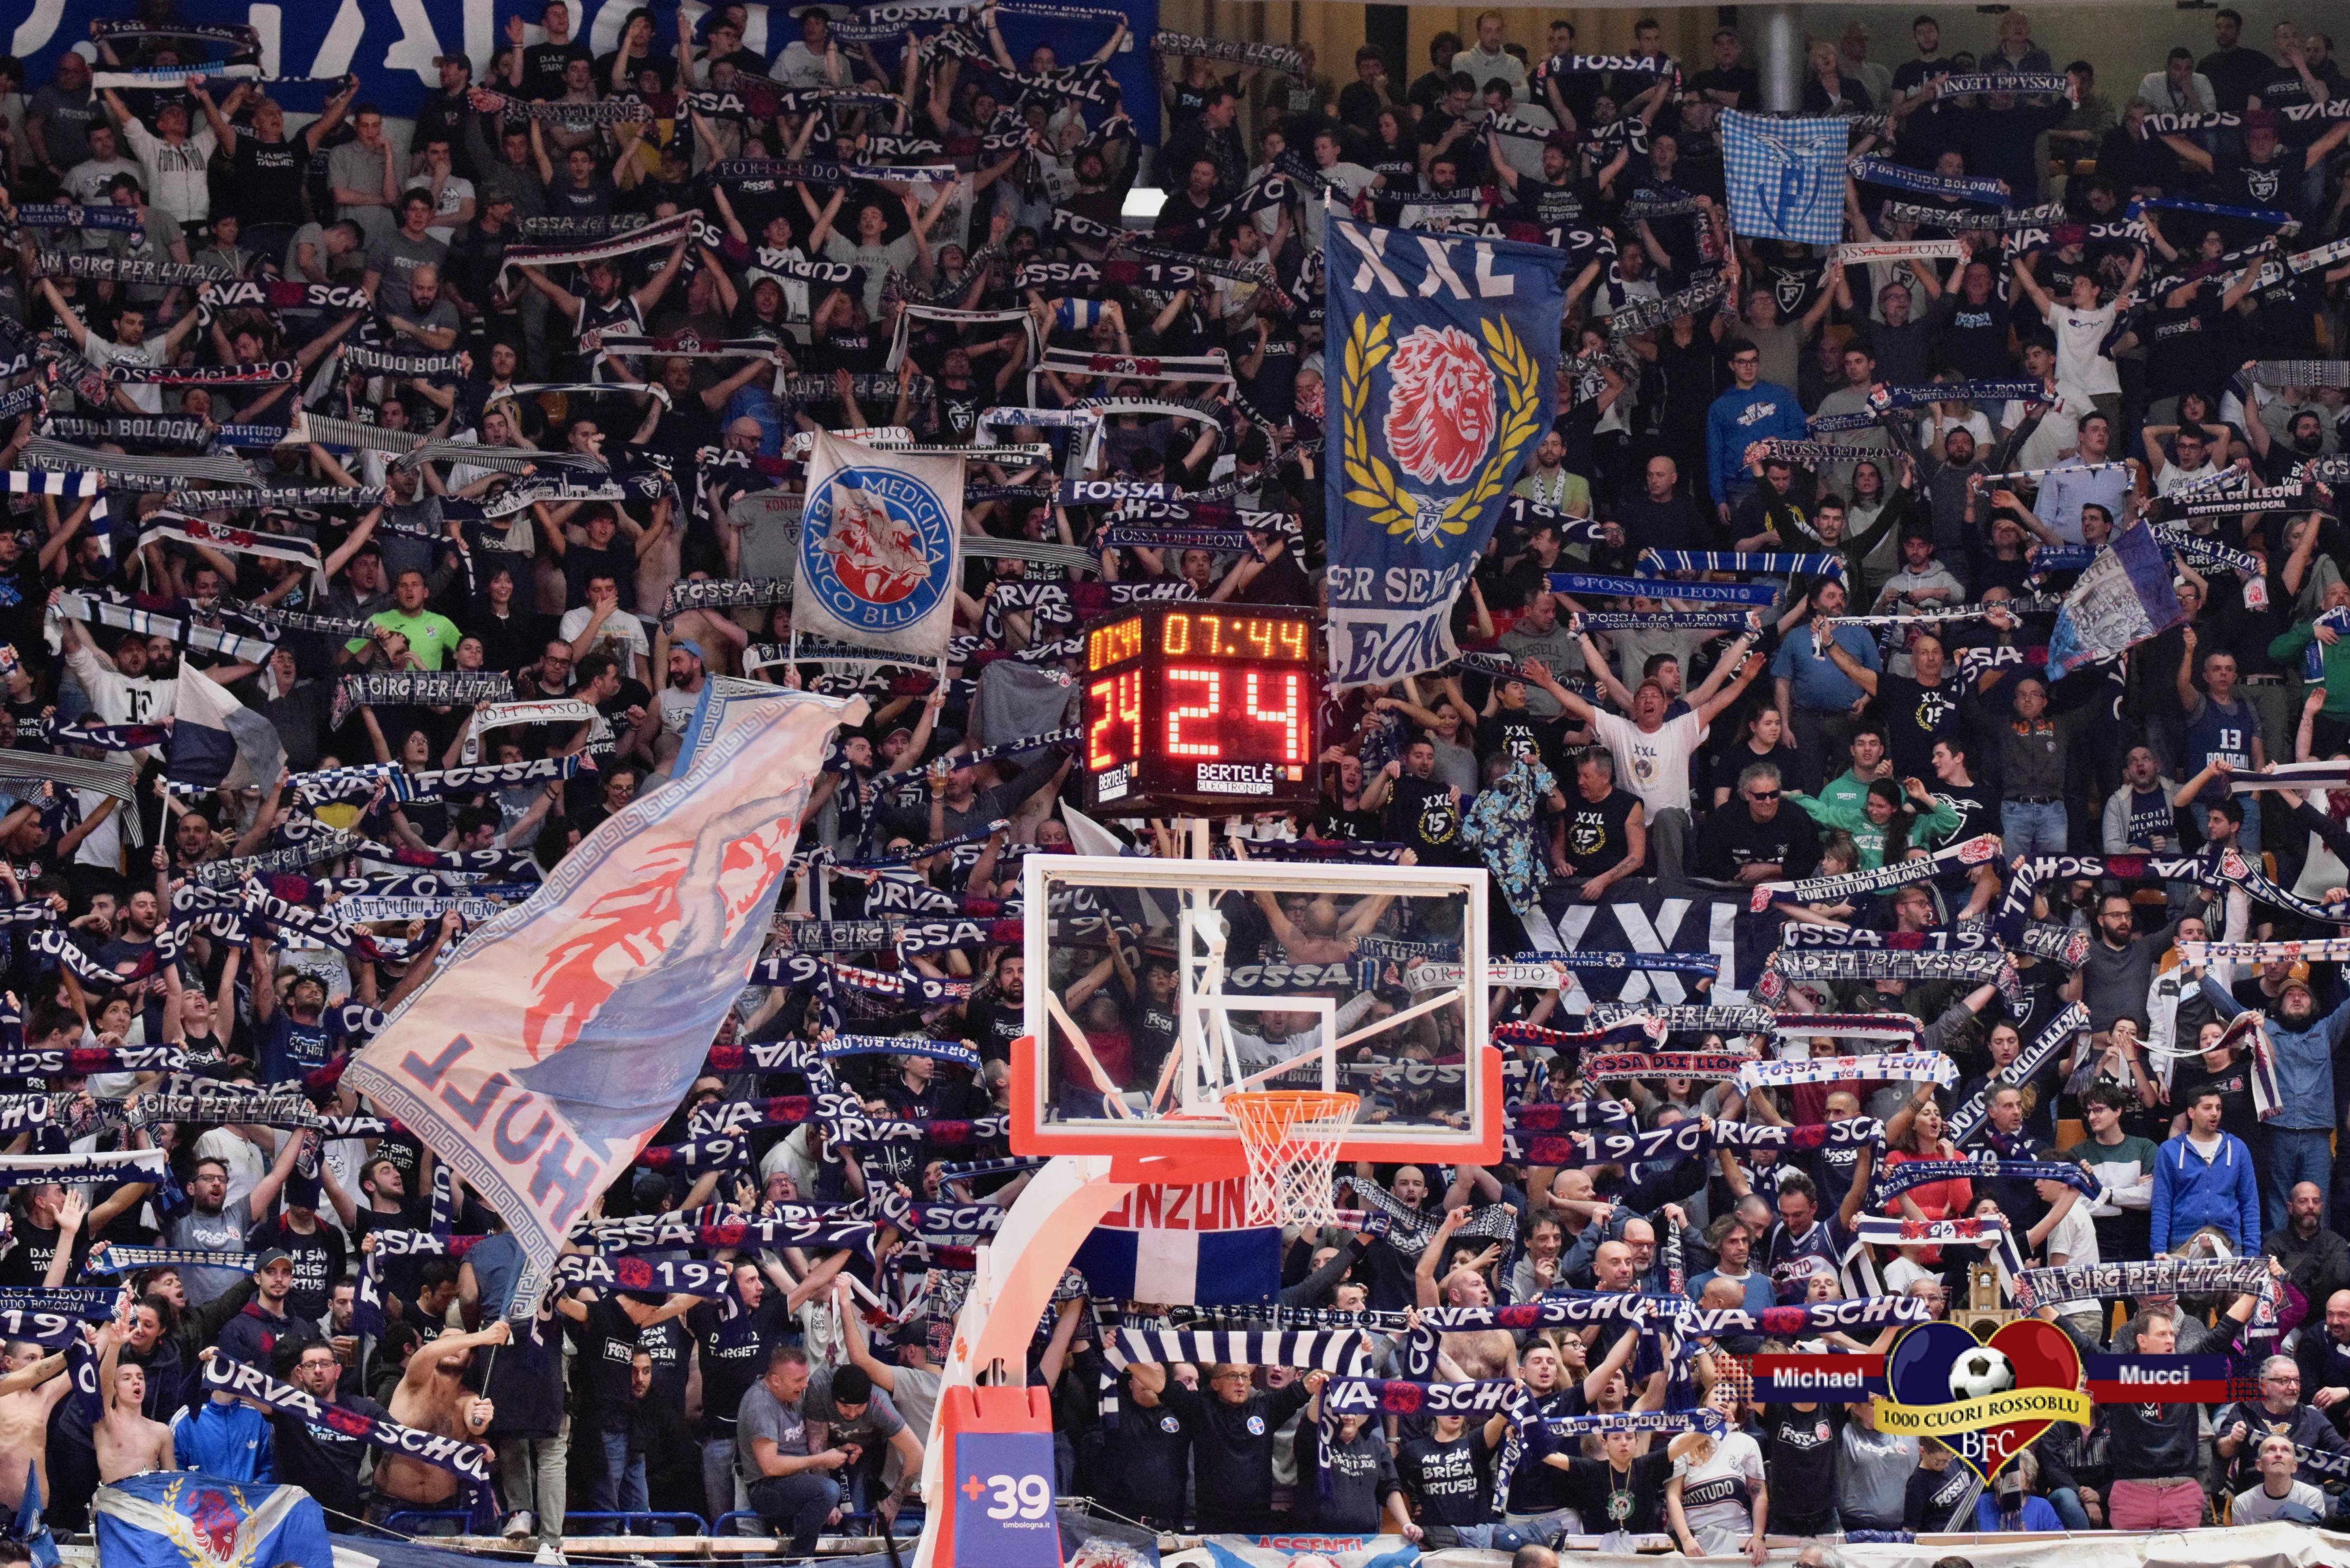 Fortitudo - Info biglietti per le partite contro Imola e Treviso